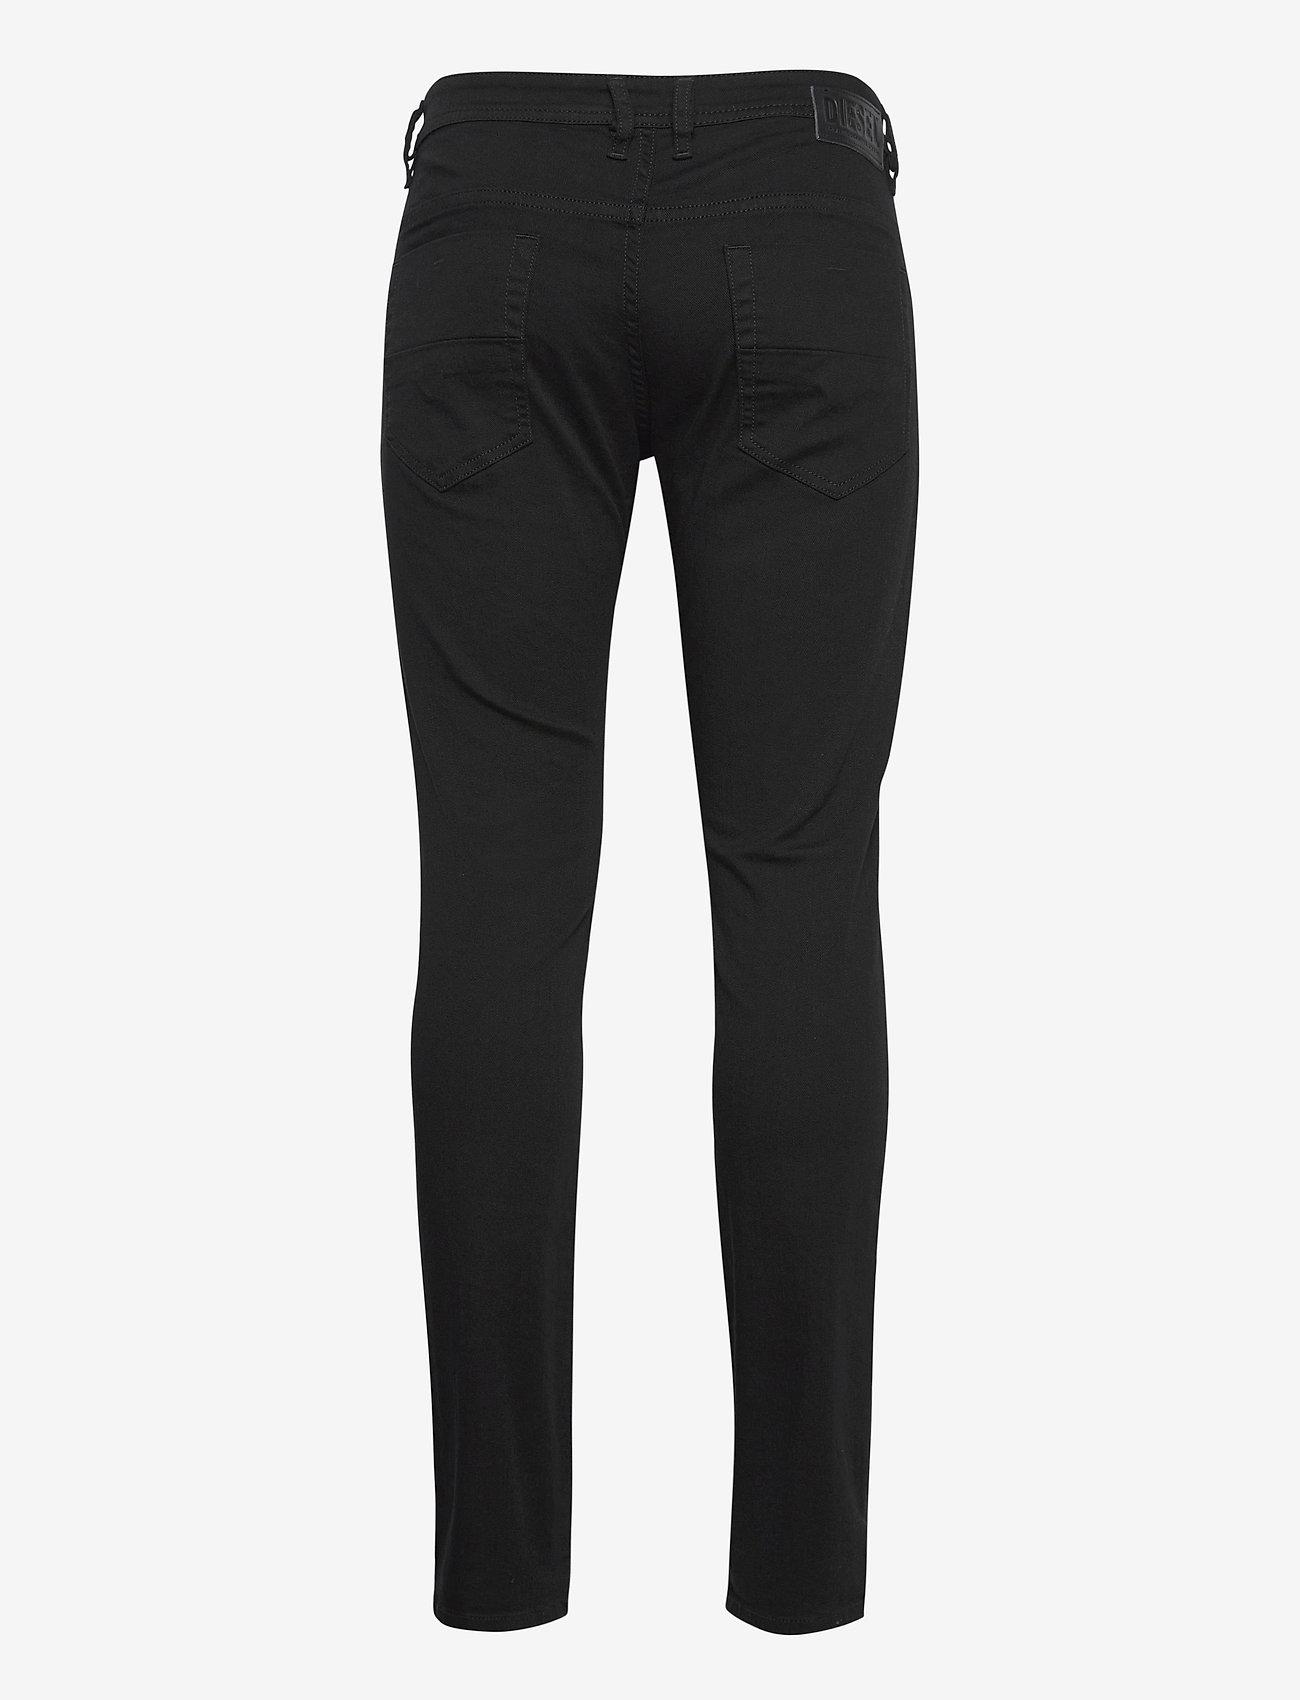 Diesel Men - THOMMER-X TROUSERS - slim jeans - black/denim - 1